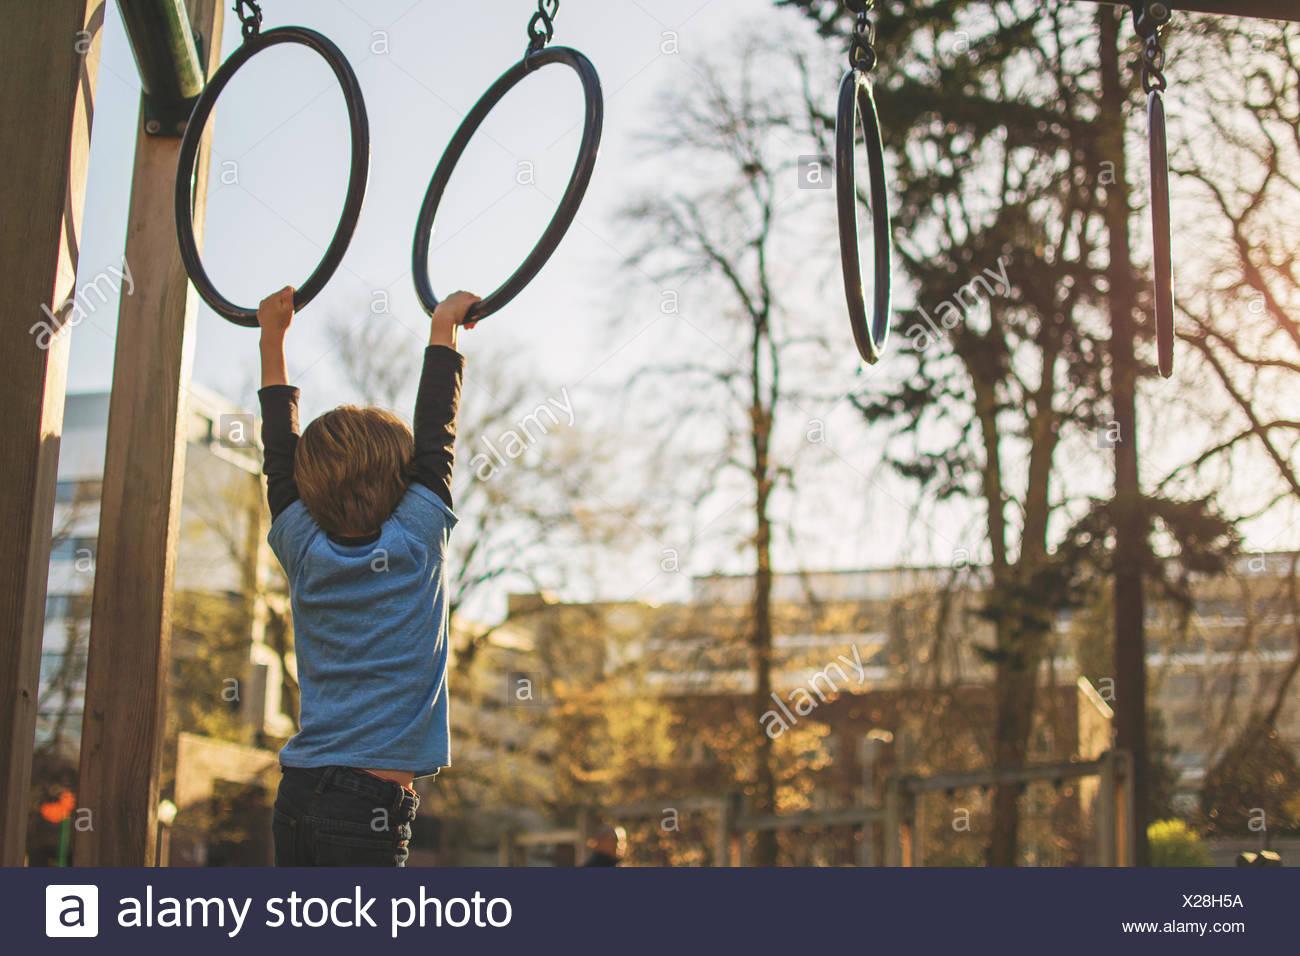 Ragazzo appesi da anelli al parco giochi Immagini Stock